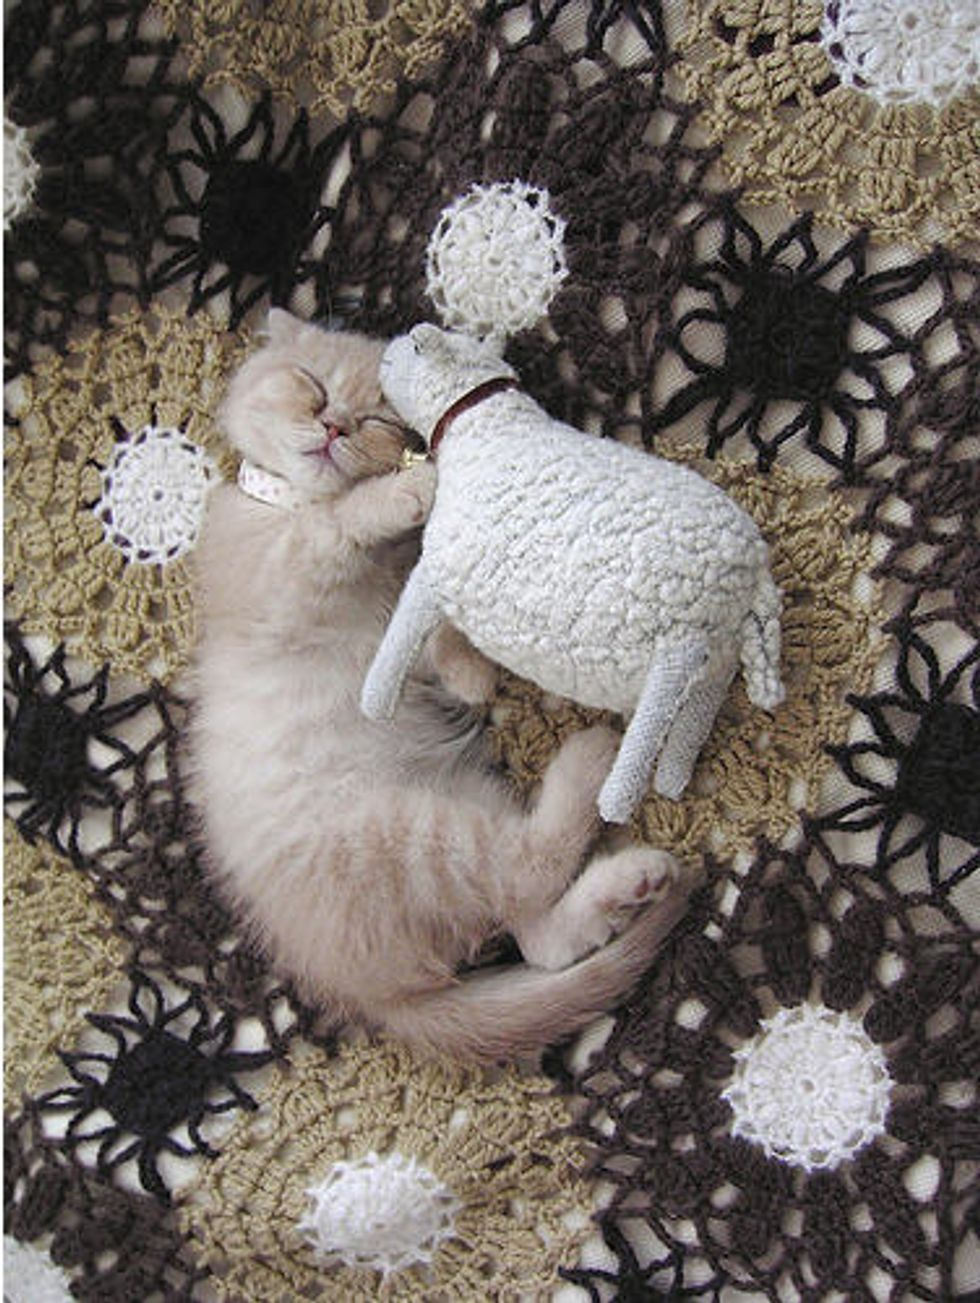 Caturday Kitty